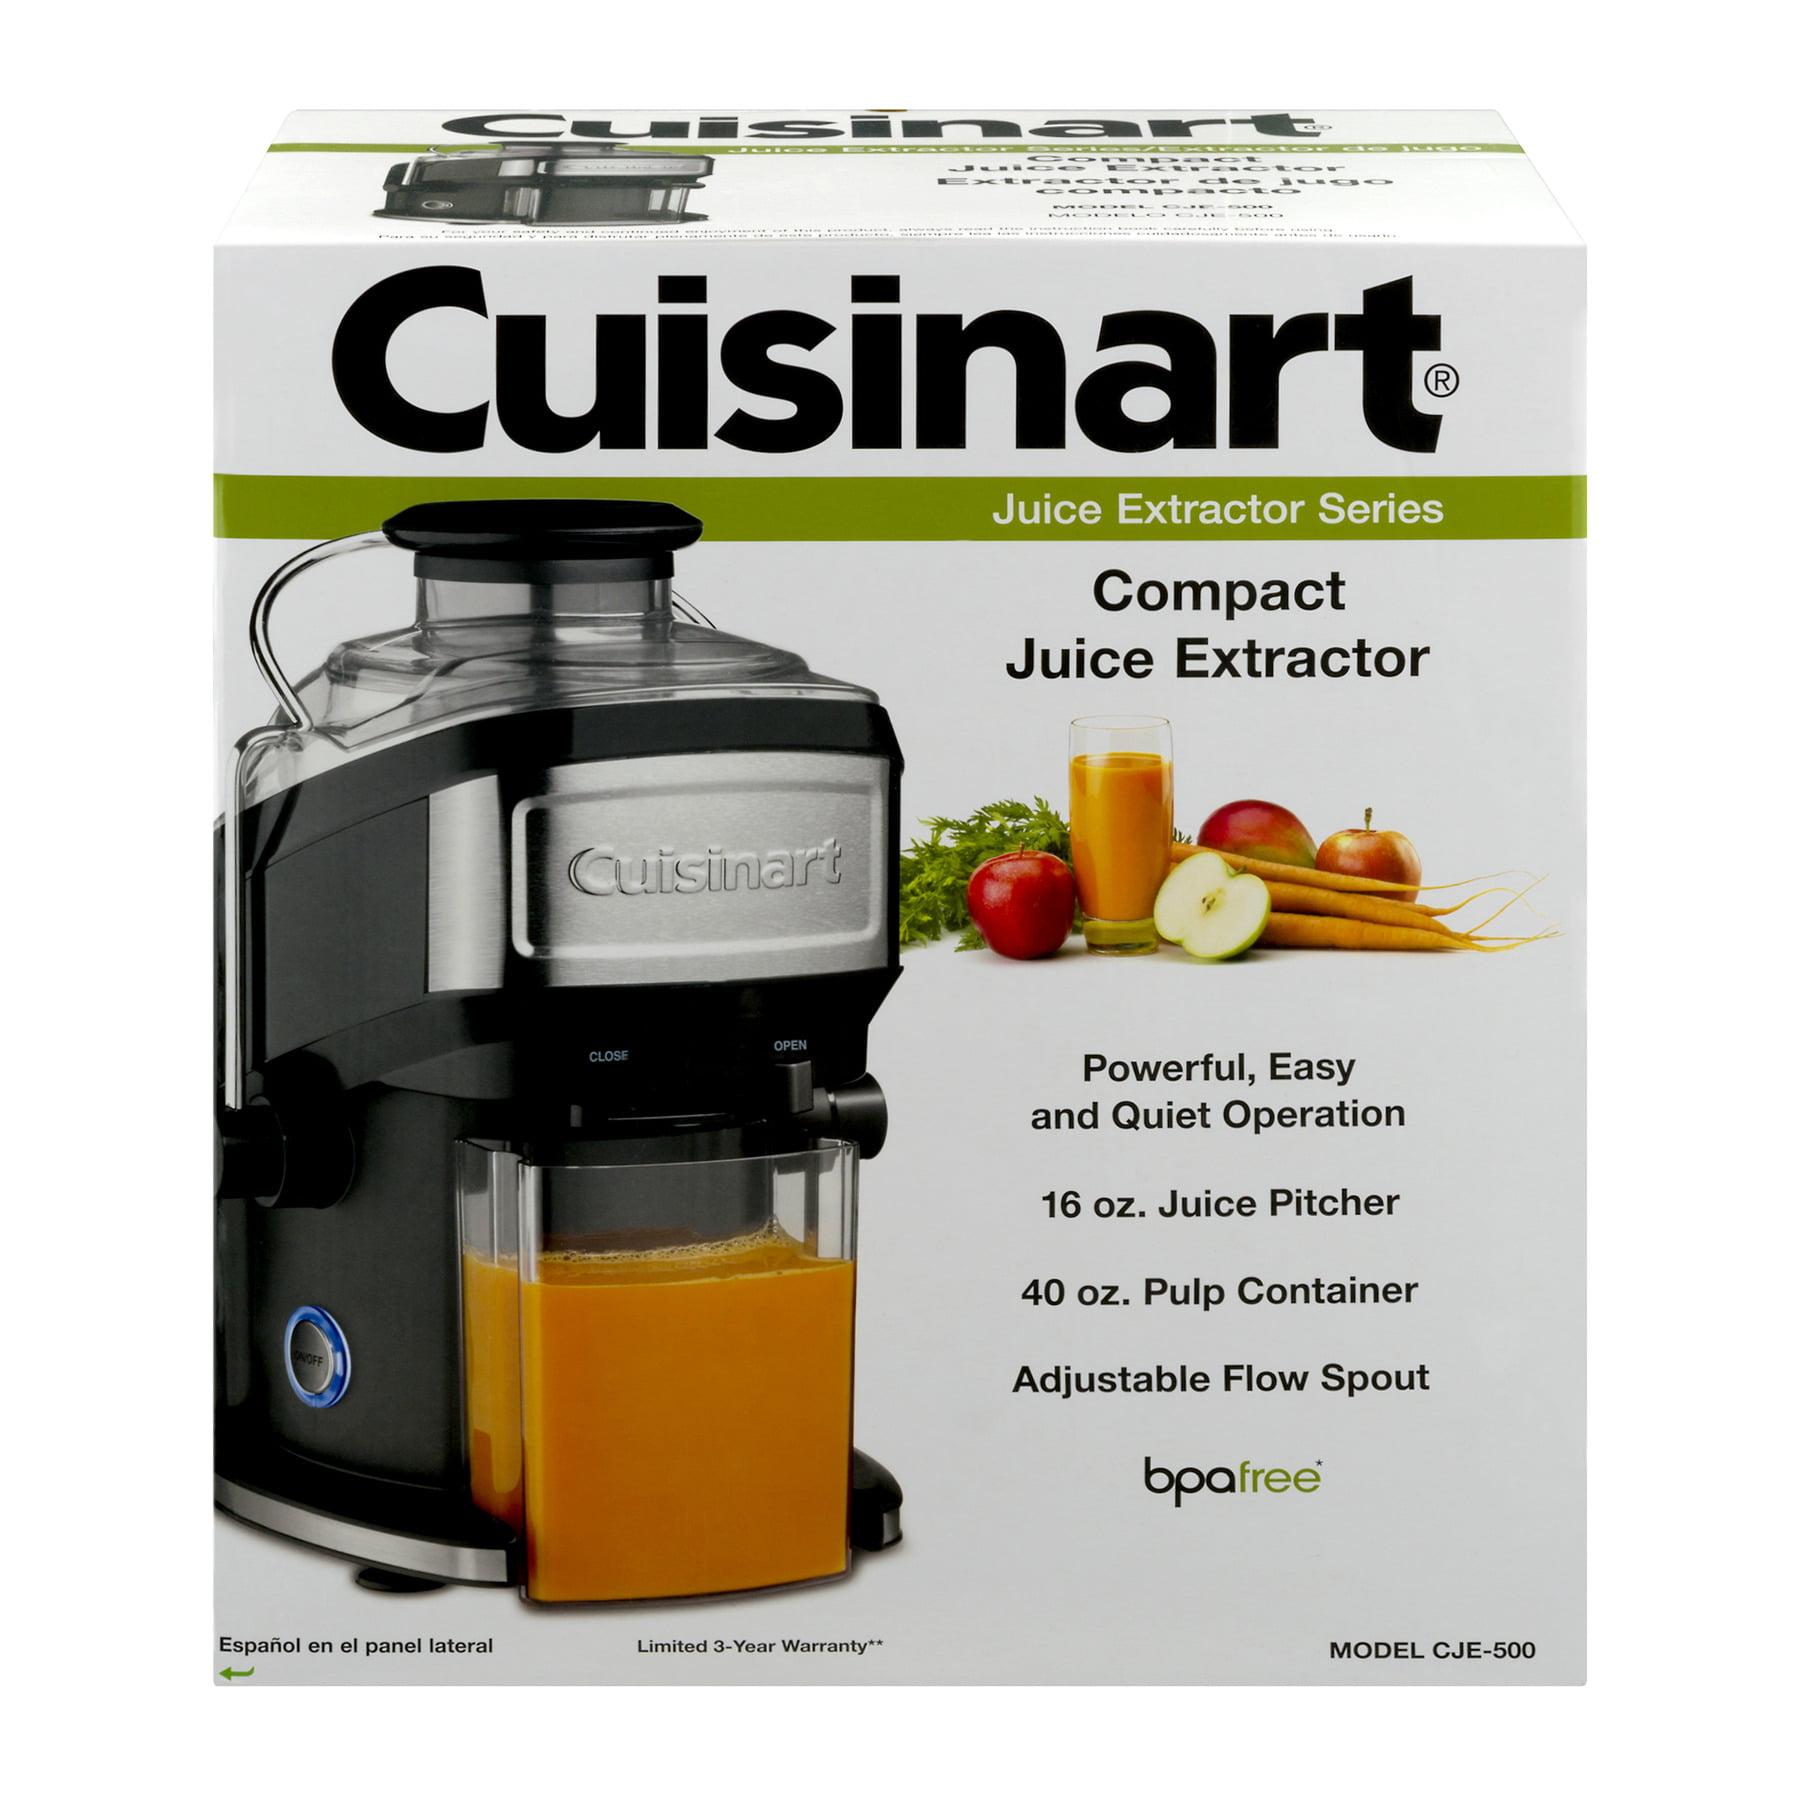 Cuisinart Compact Juice Extractor, 1.0 CT